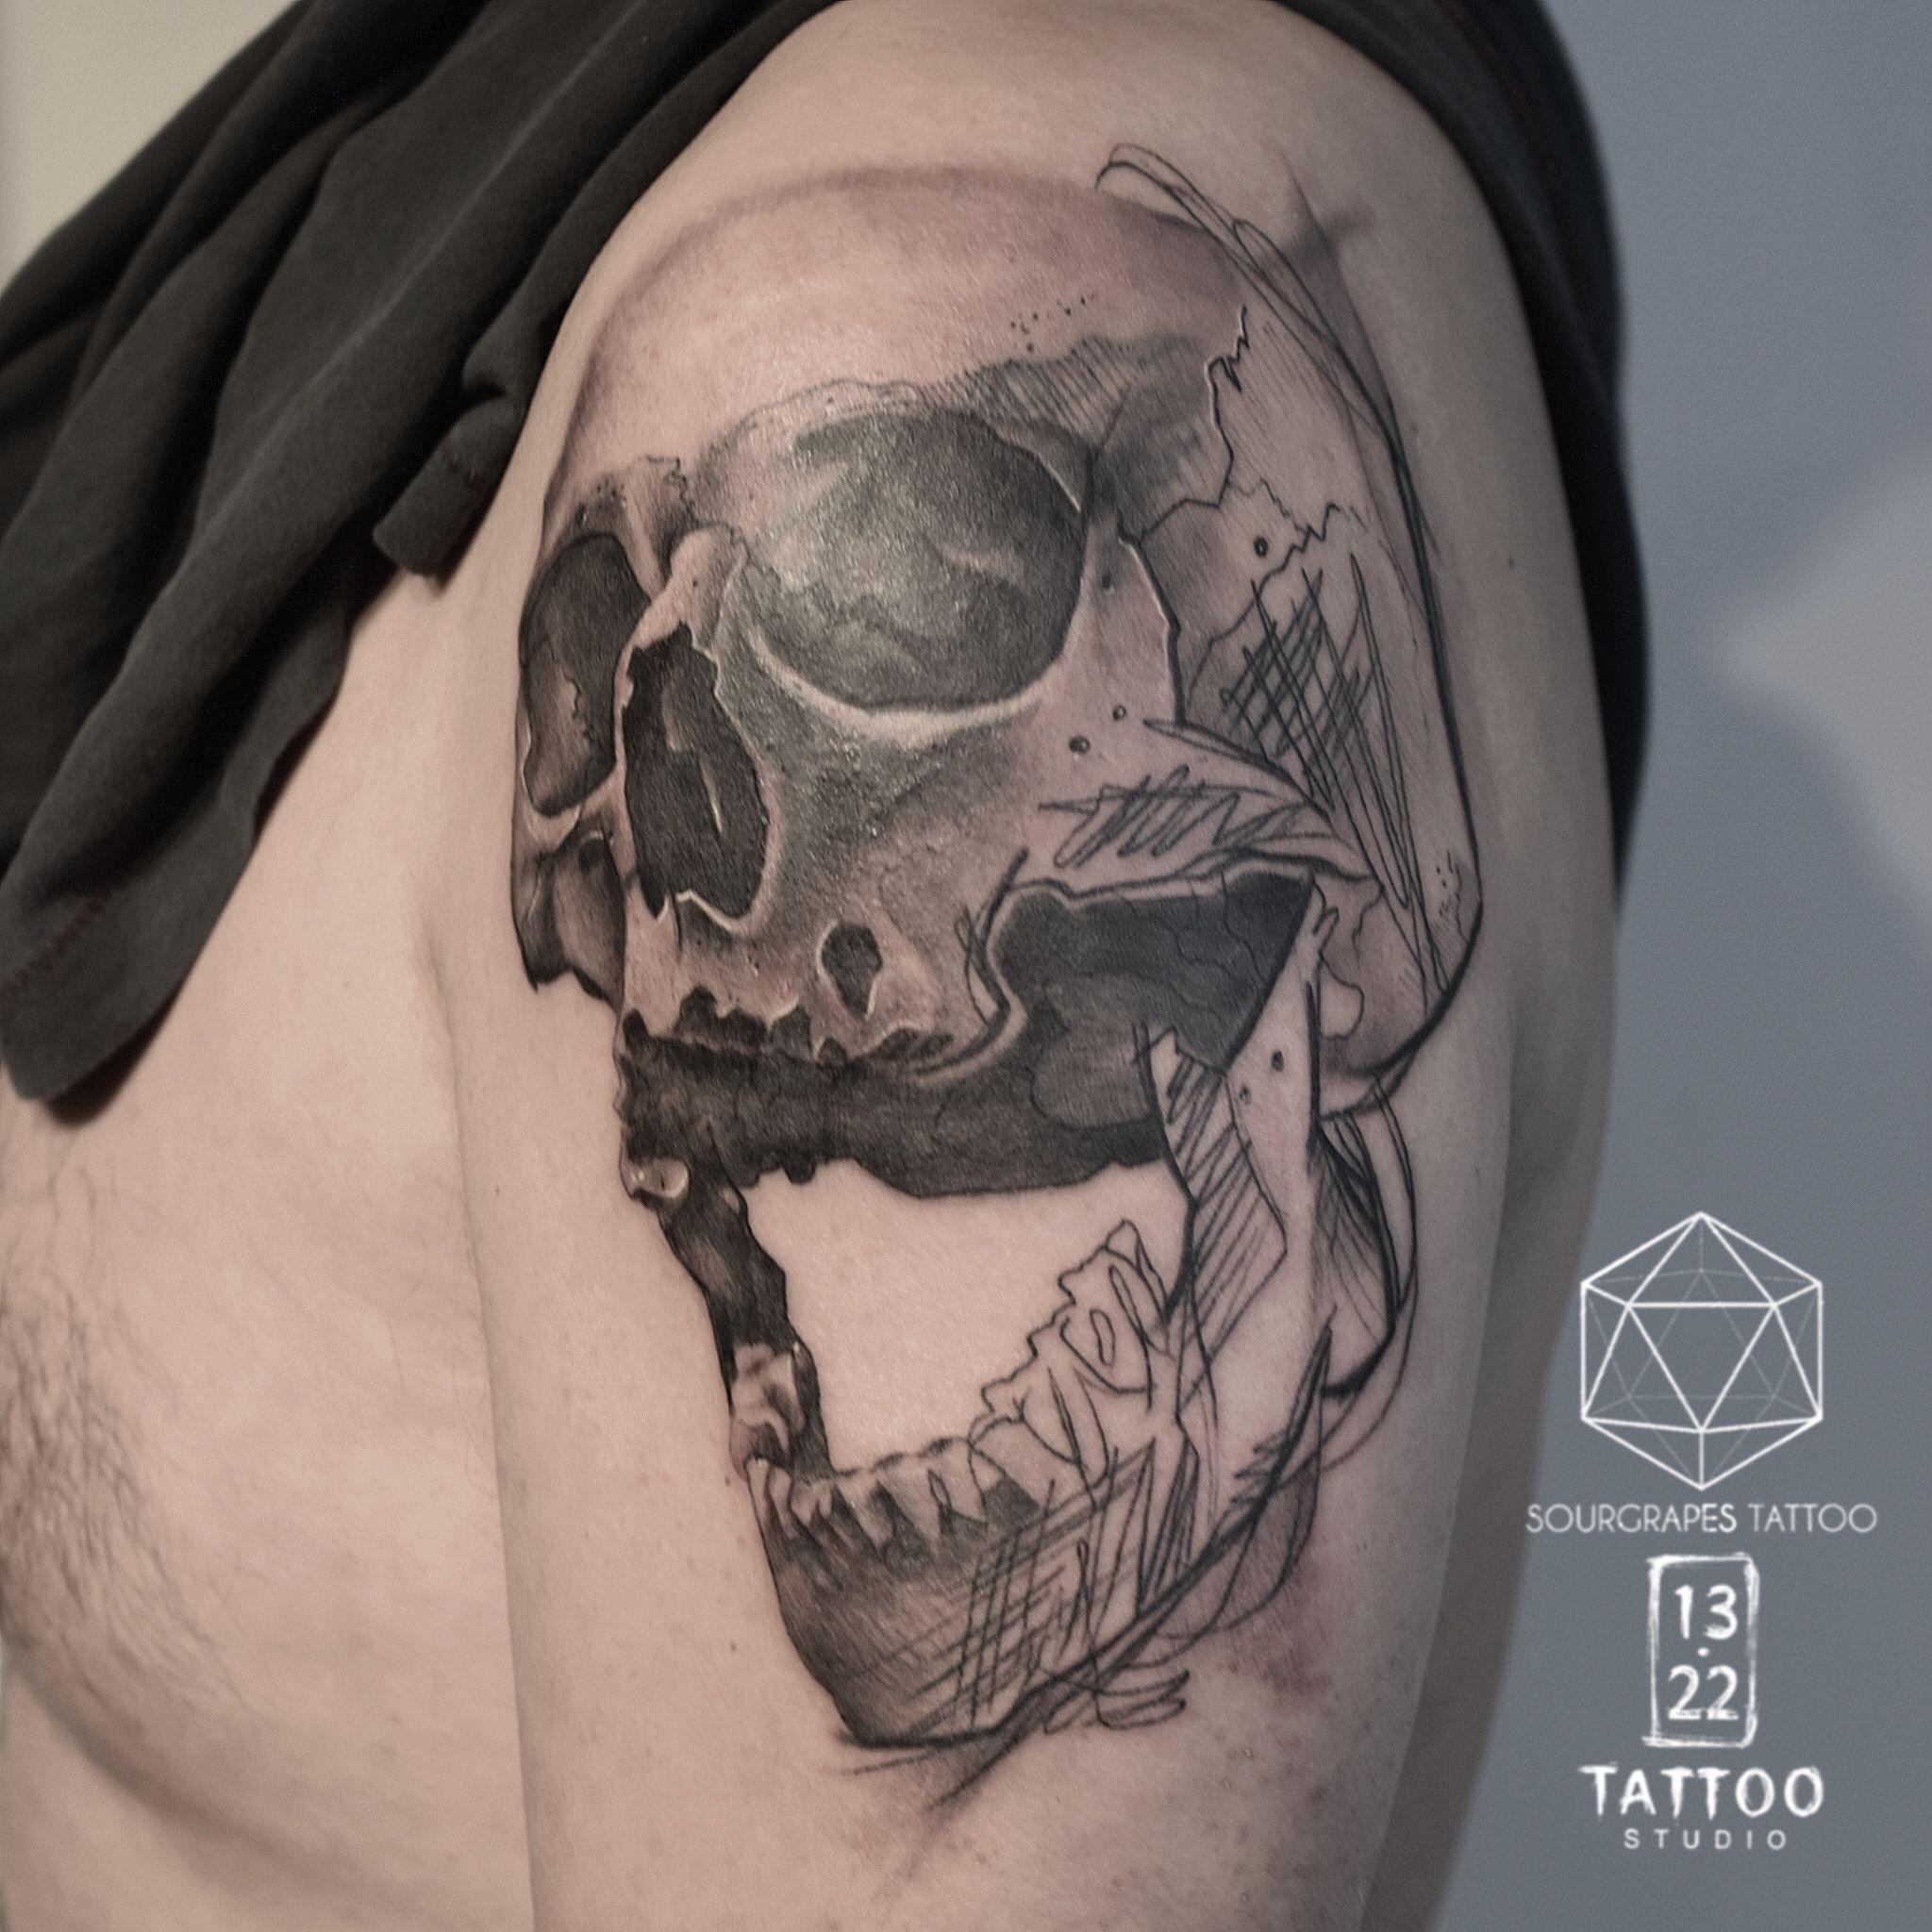 13 22 Tattoo Studio London Custom Tattoo Artist Mr J Best Sourgrapestattoo Www 1322tattoo Uk Info 1322tattoo Uk Specia Tattoo Studio Tattoos Custom Tattoo